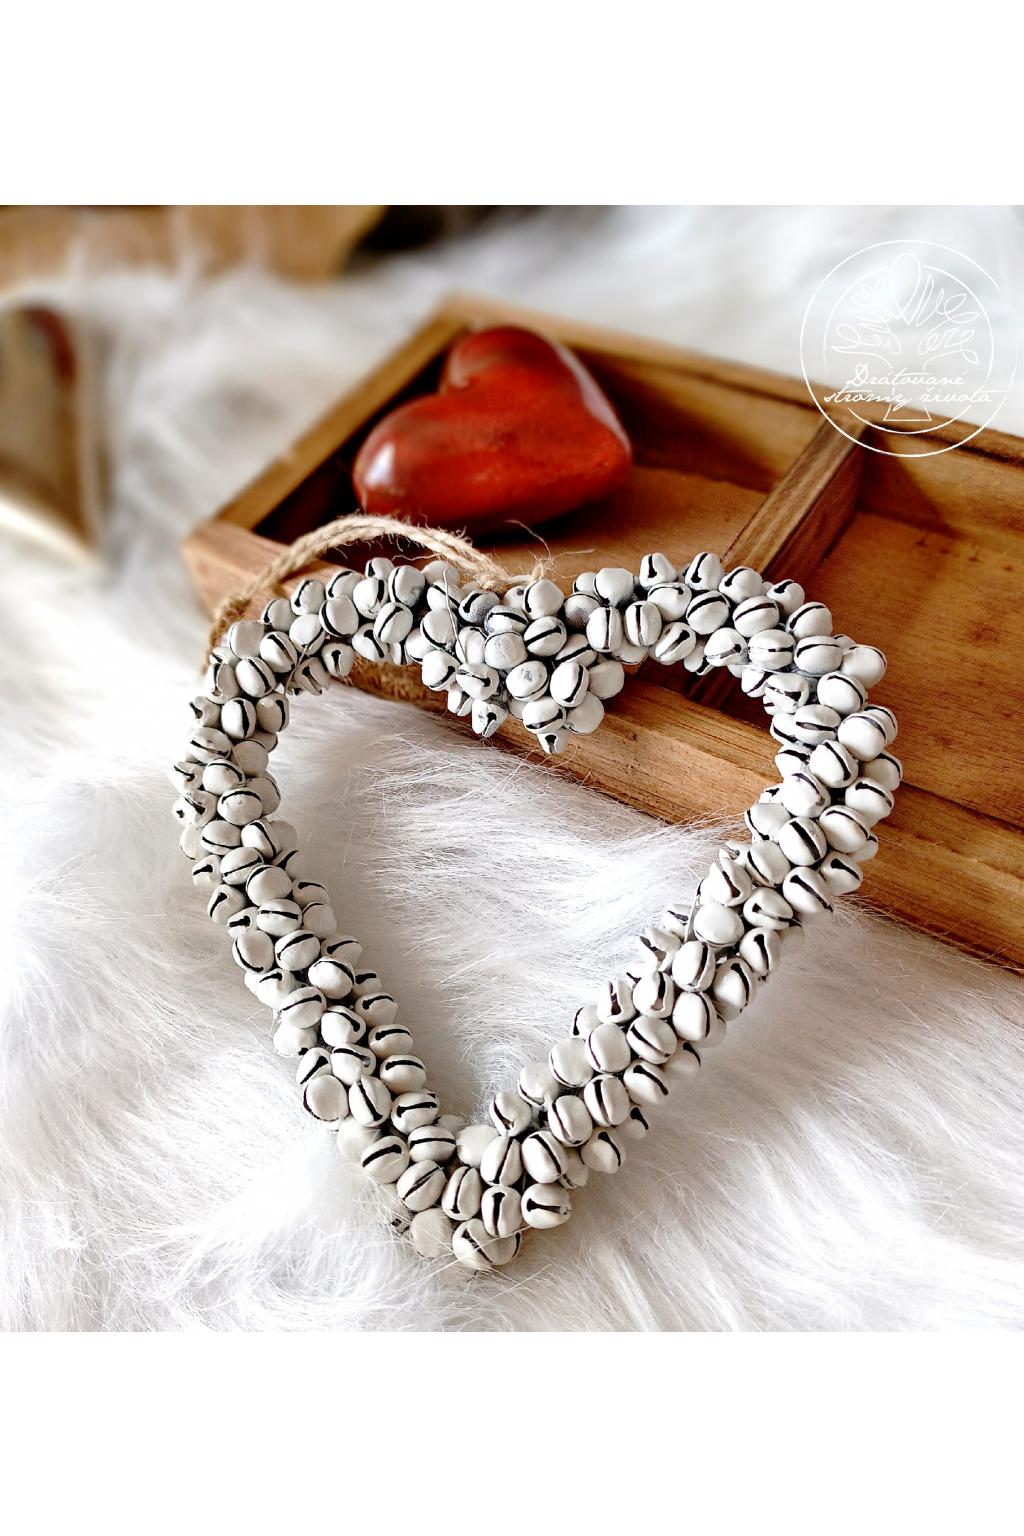 Srdce - Slyším tvé srdce bít 15cm